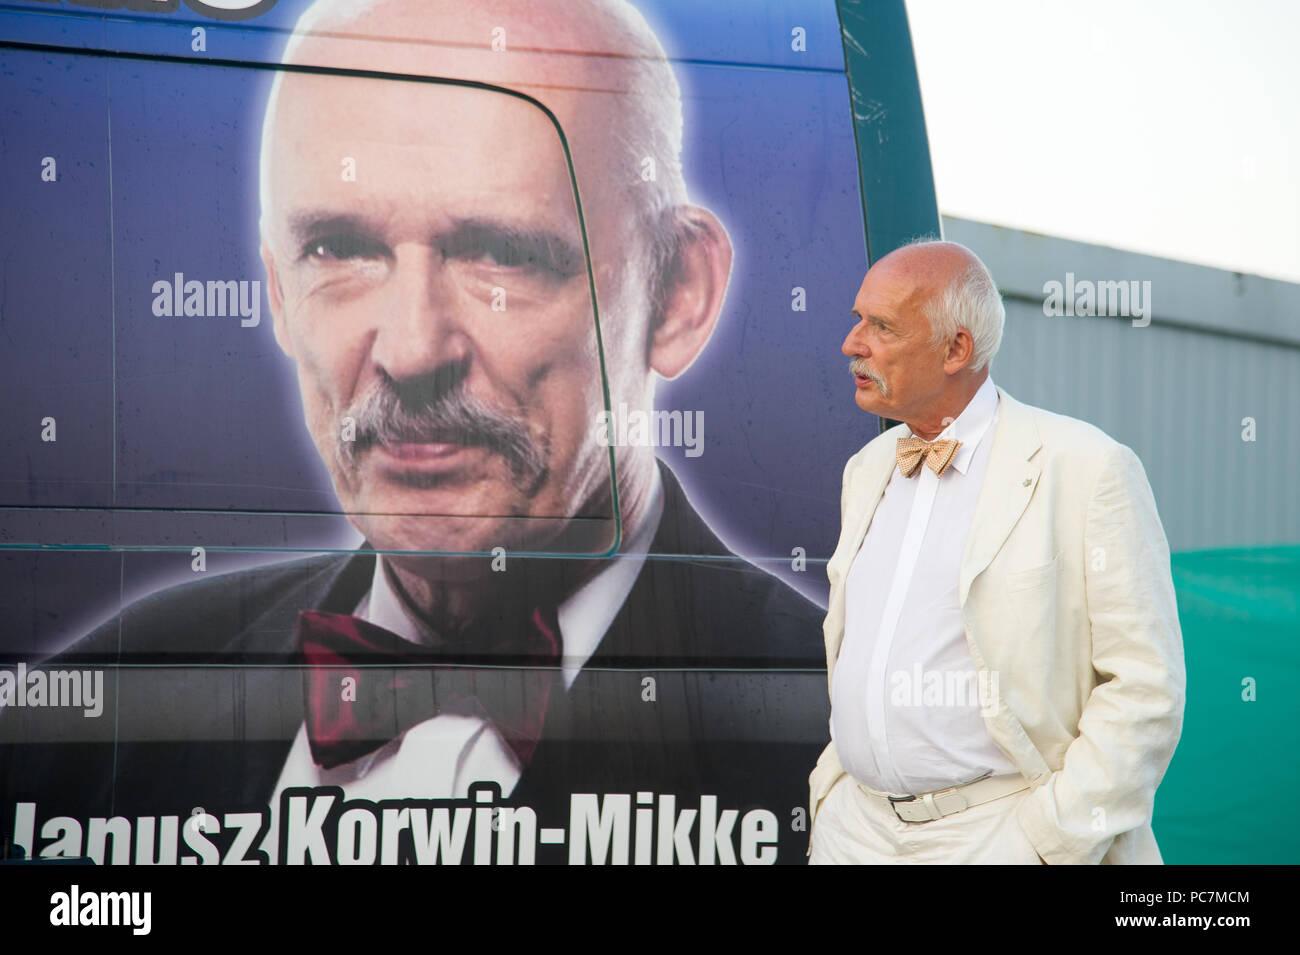 Janusz Korwin Mikke, leader of Wolnosc party (Liberty Party) in Gdynia, Poland. July 27th 2018 © Wojciech Strozyk / Alamy Stock Photo - Stock Image